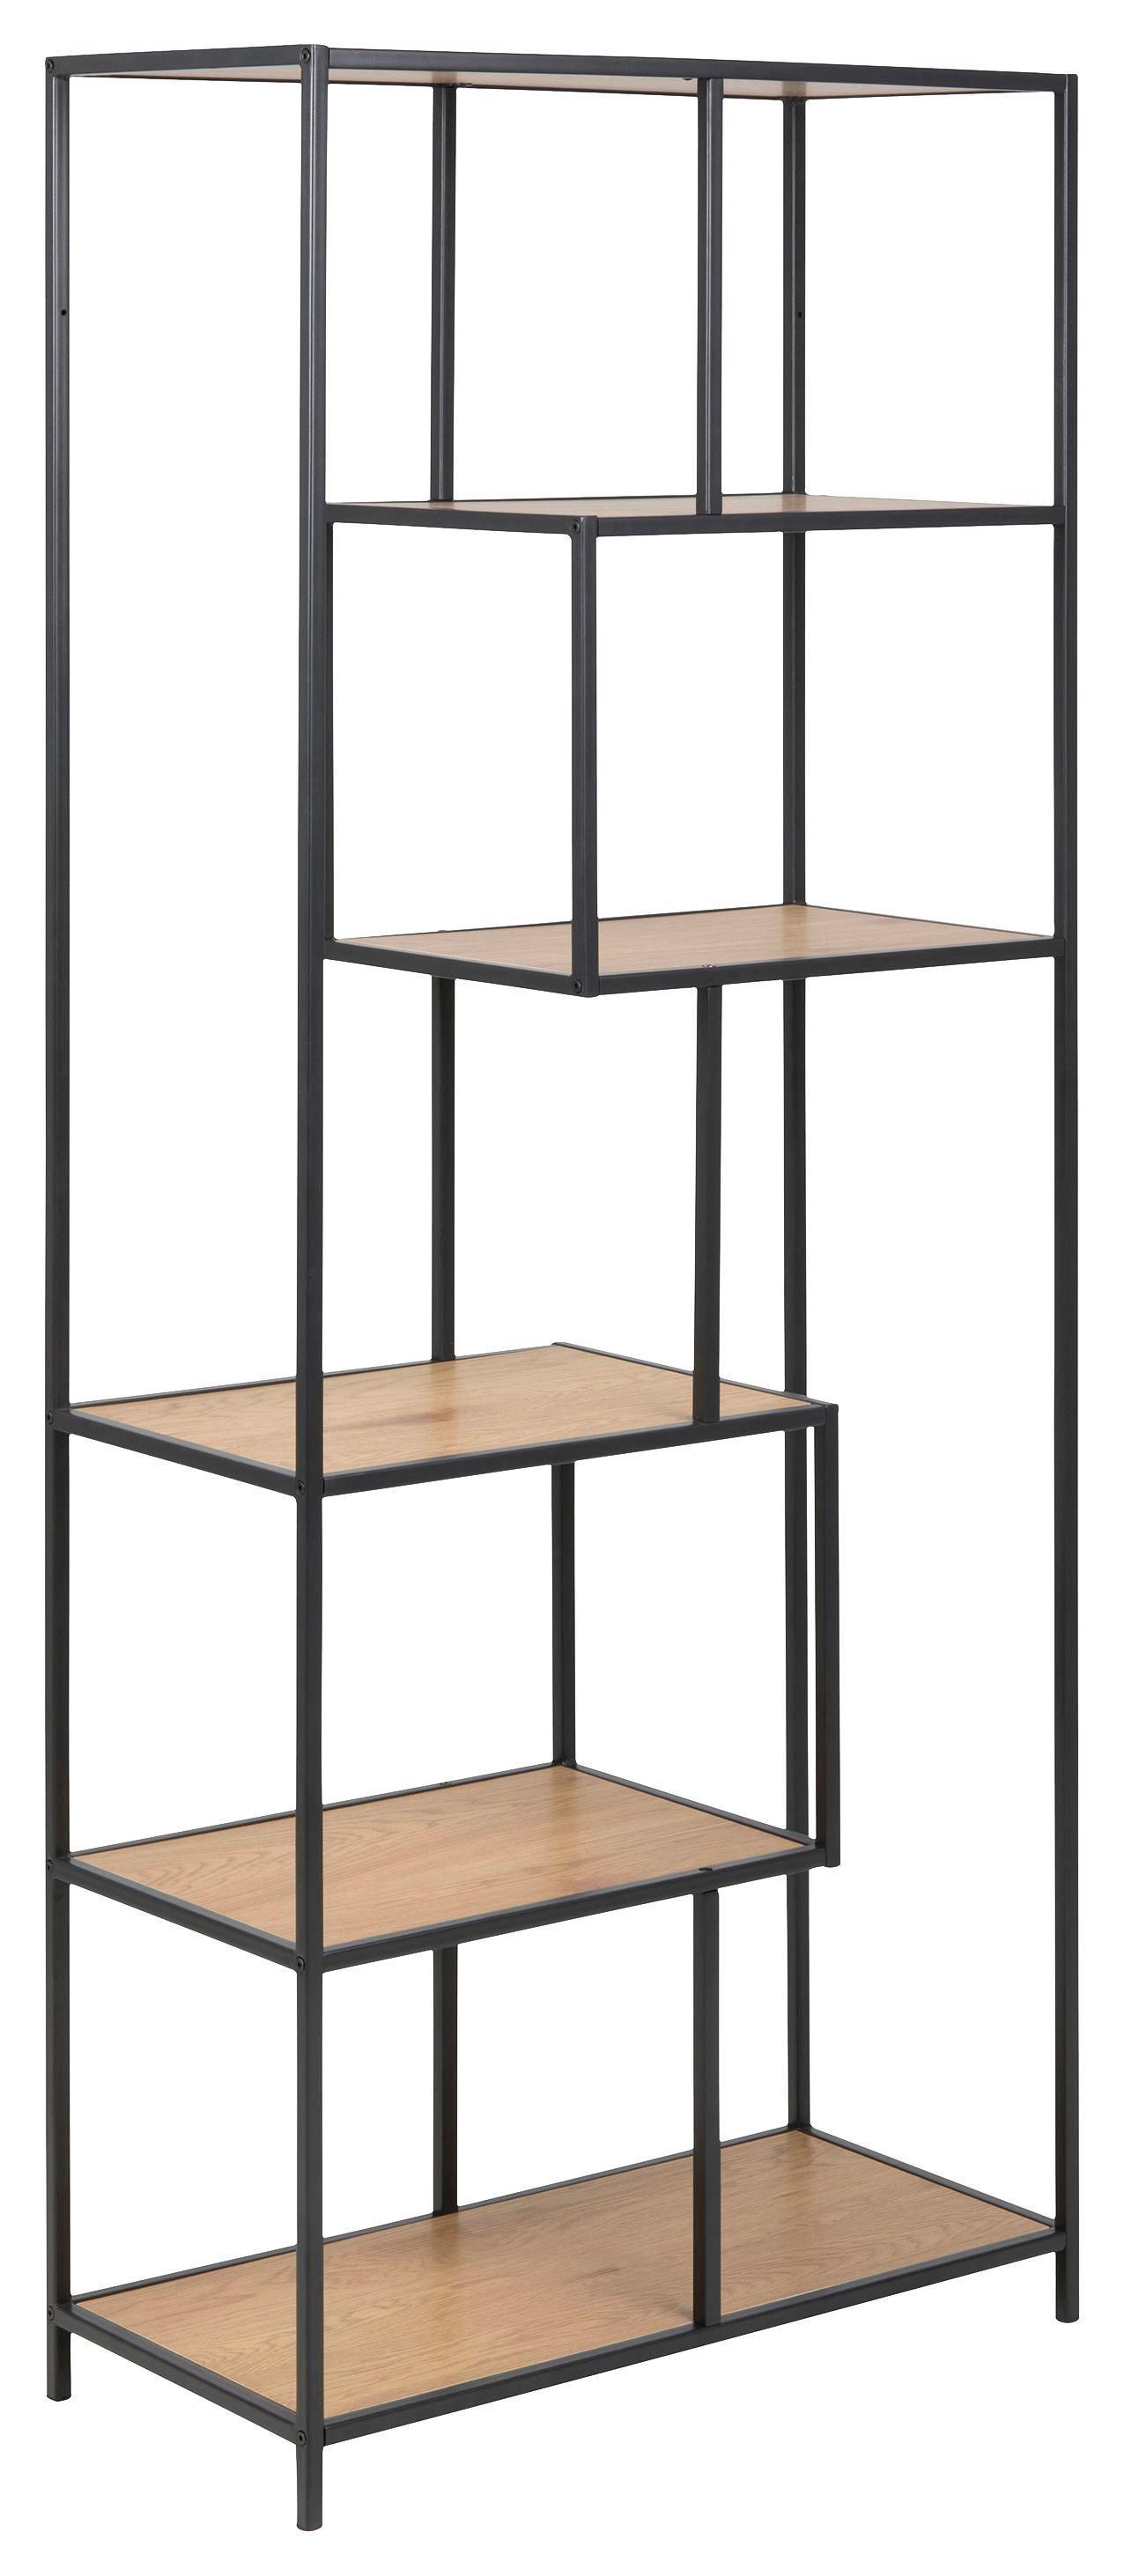 IKEA Expedit Regal + Schubladen in 69190 Walldorf für € 30